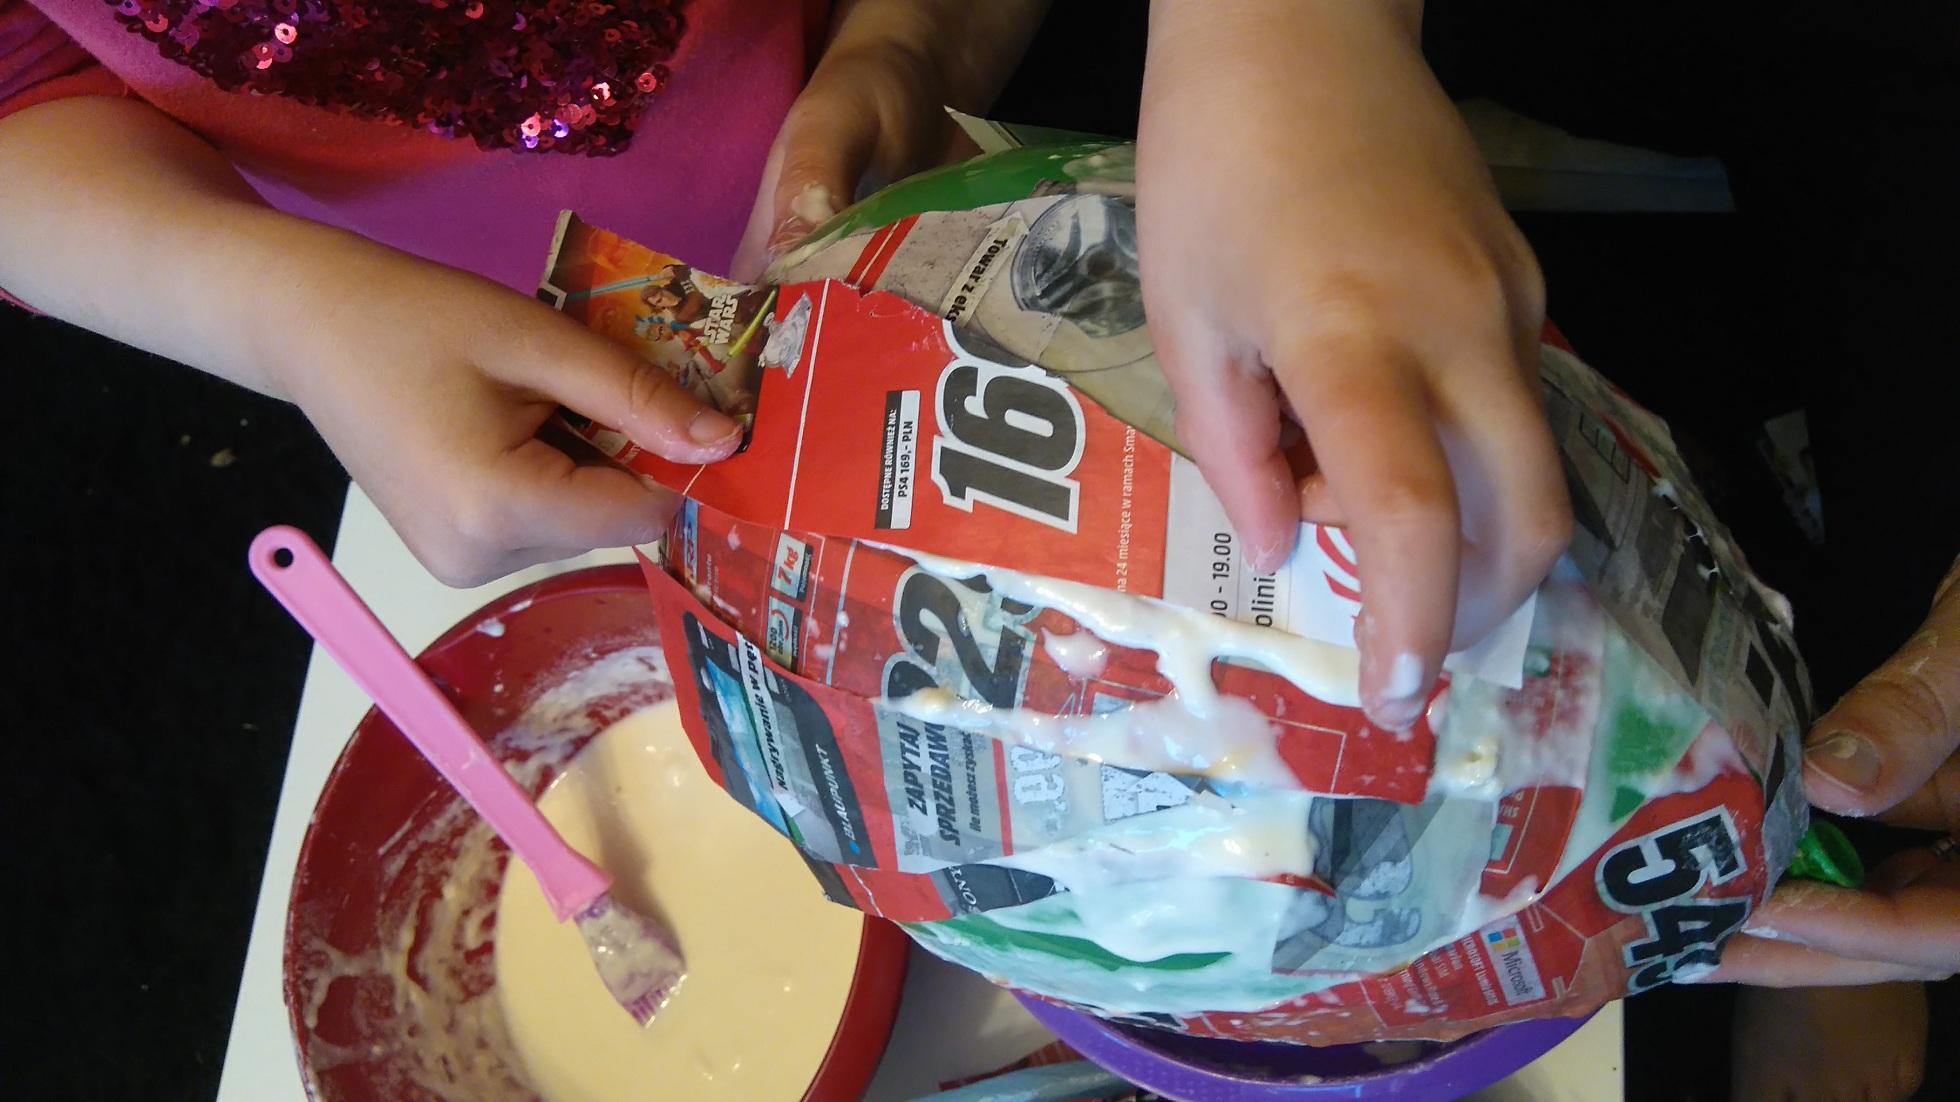 dziecięce rączki oklejają balon gazetami przy użyciu kleju z mąki i wody